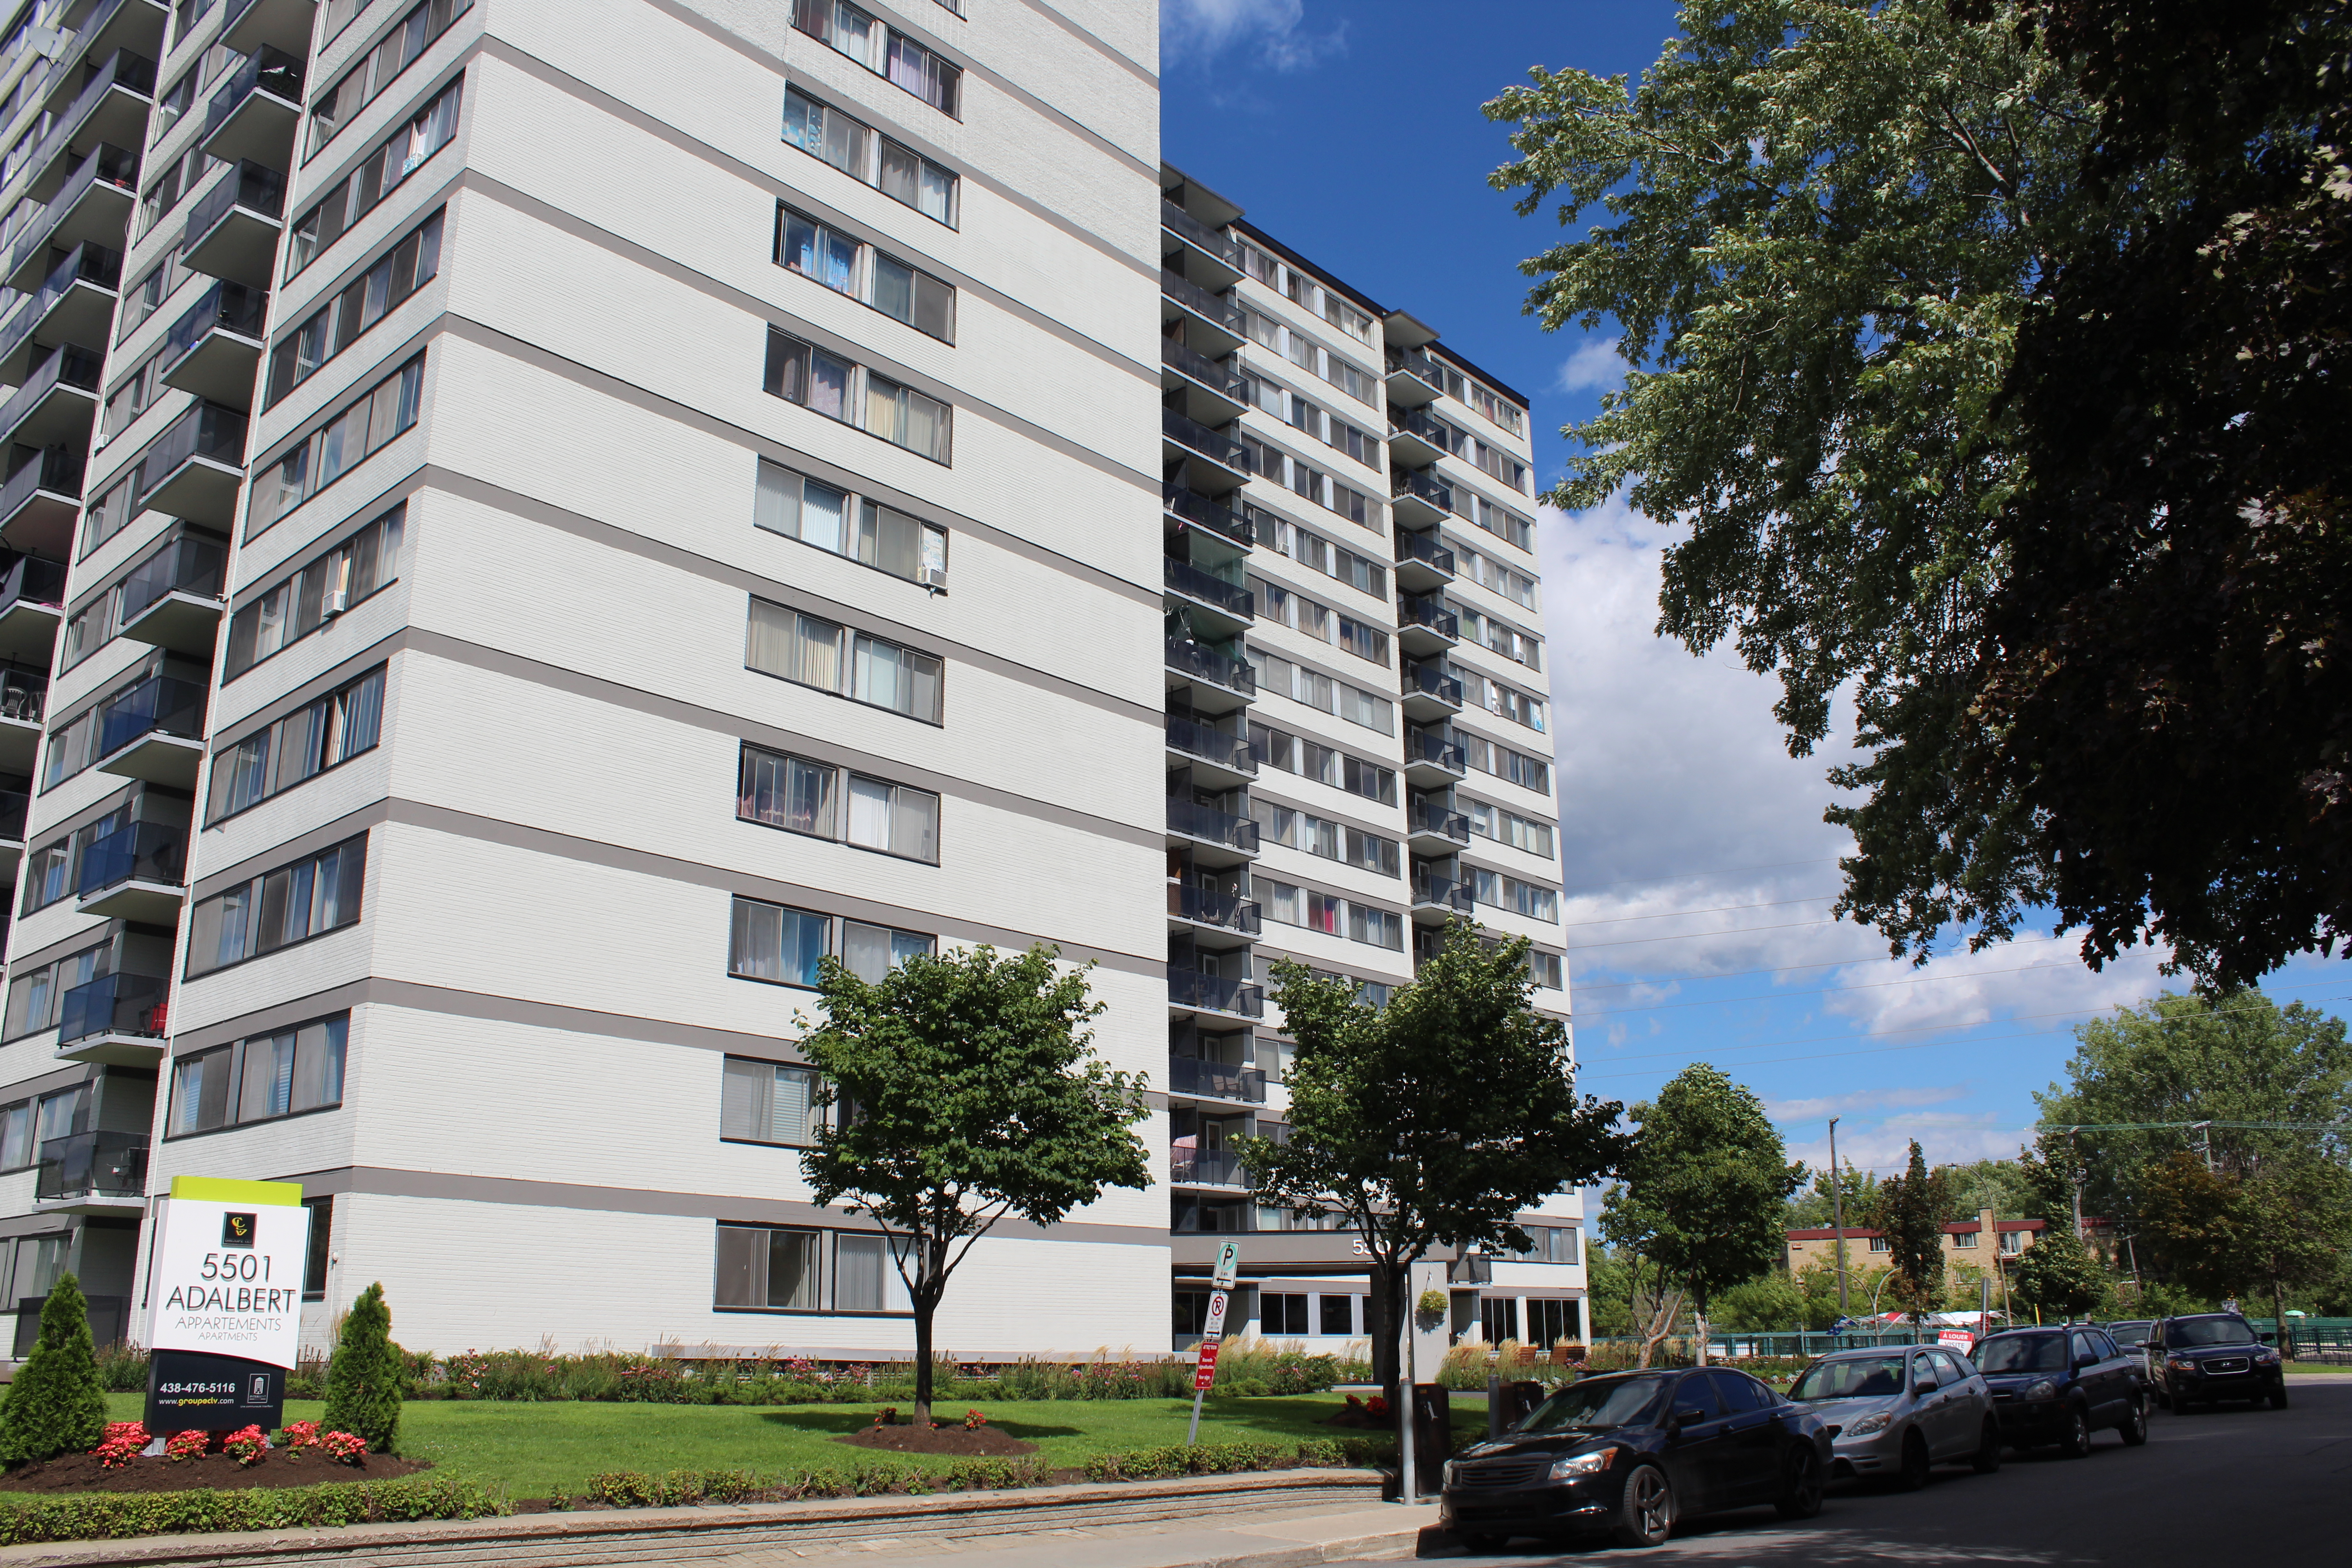 Maison Hamilton - 5501 Adalbert